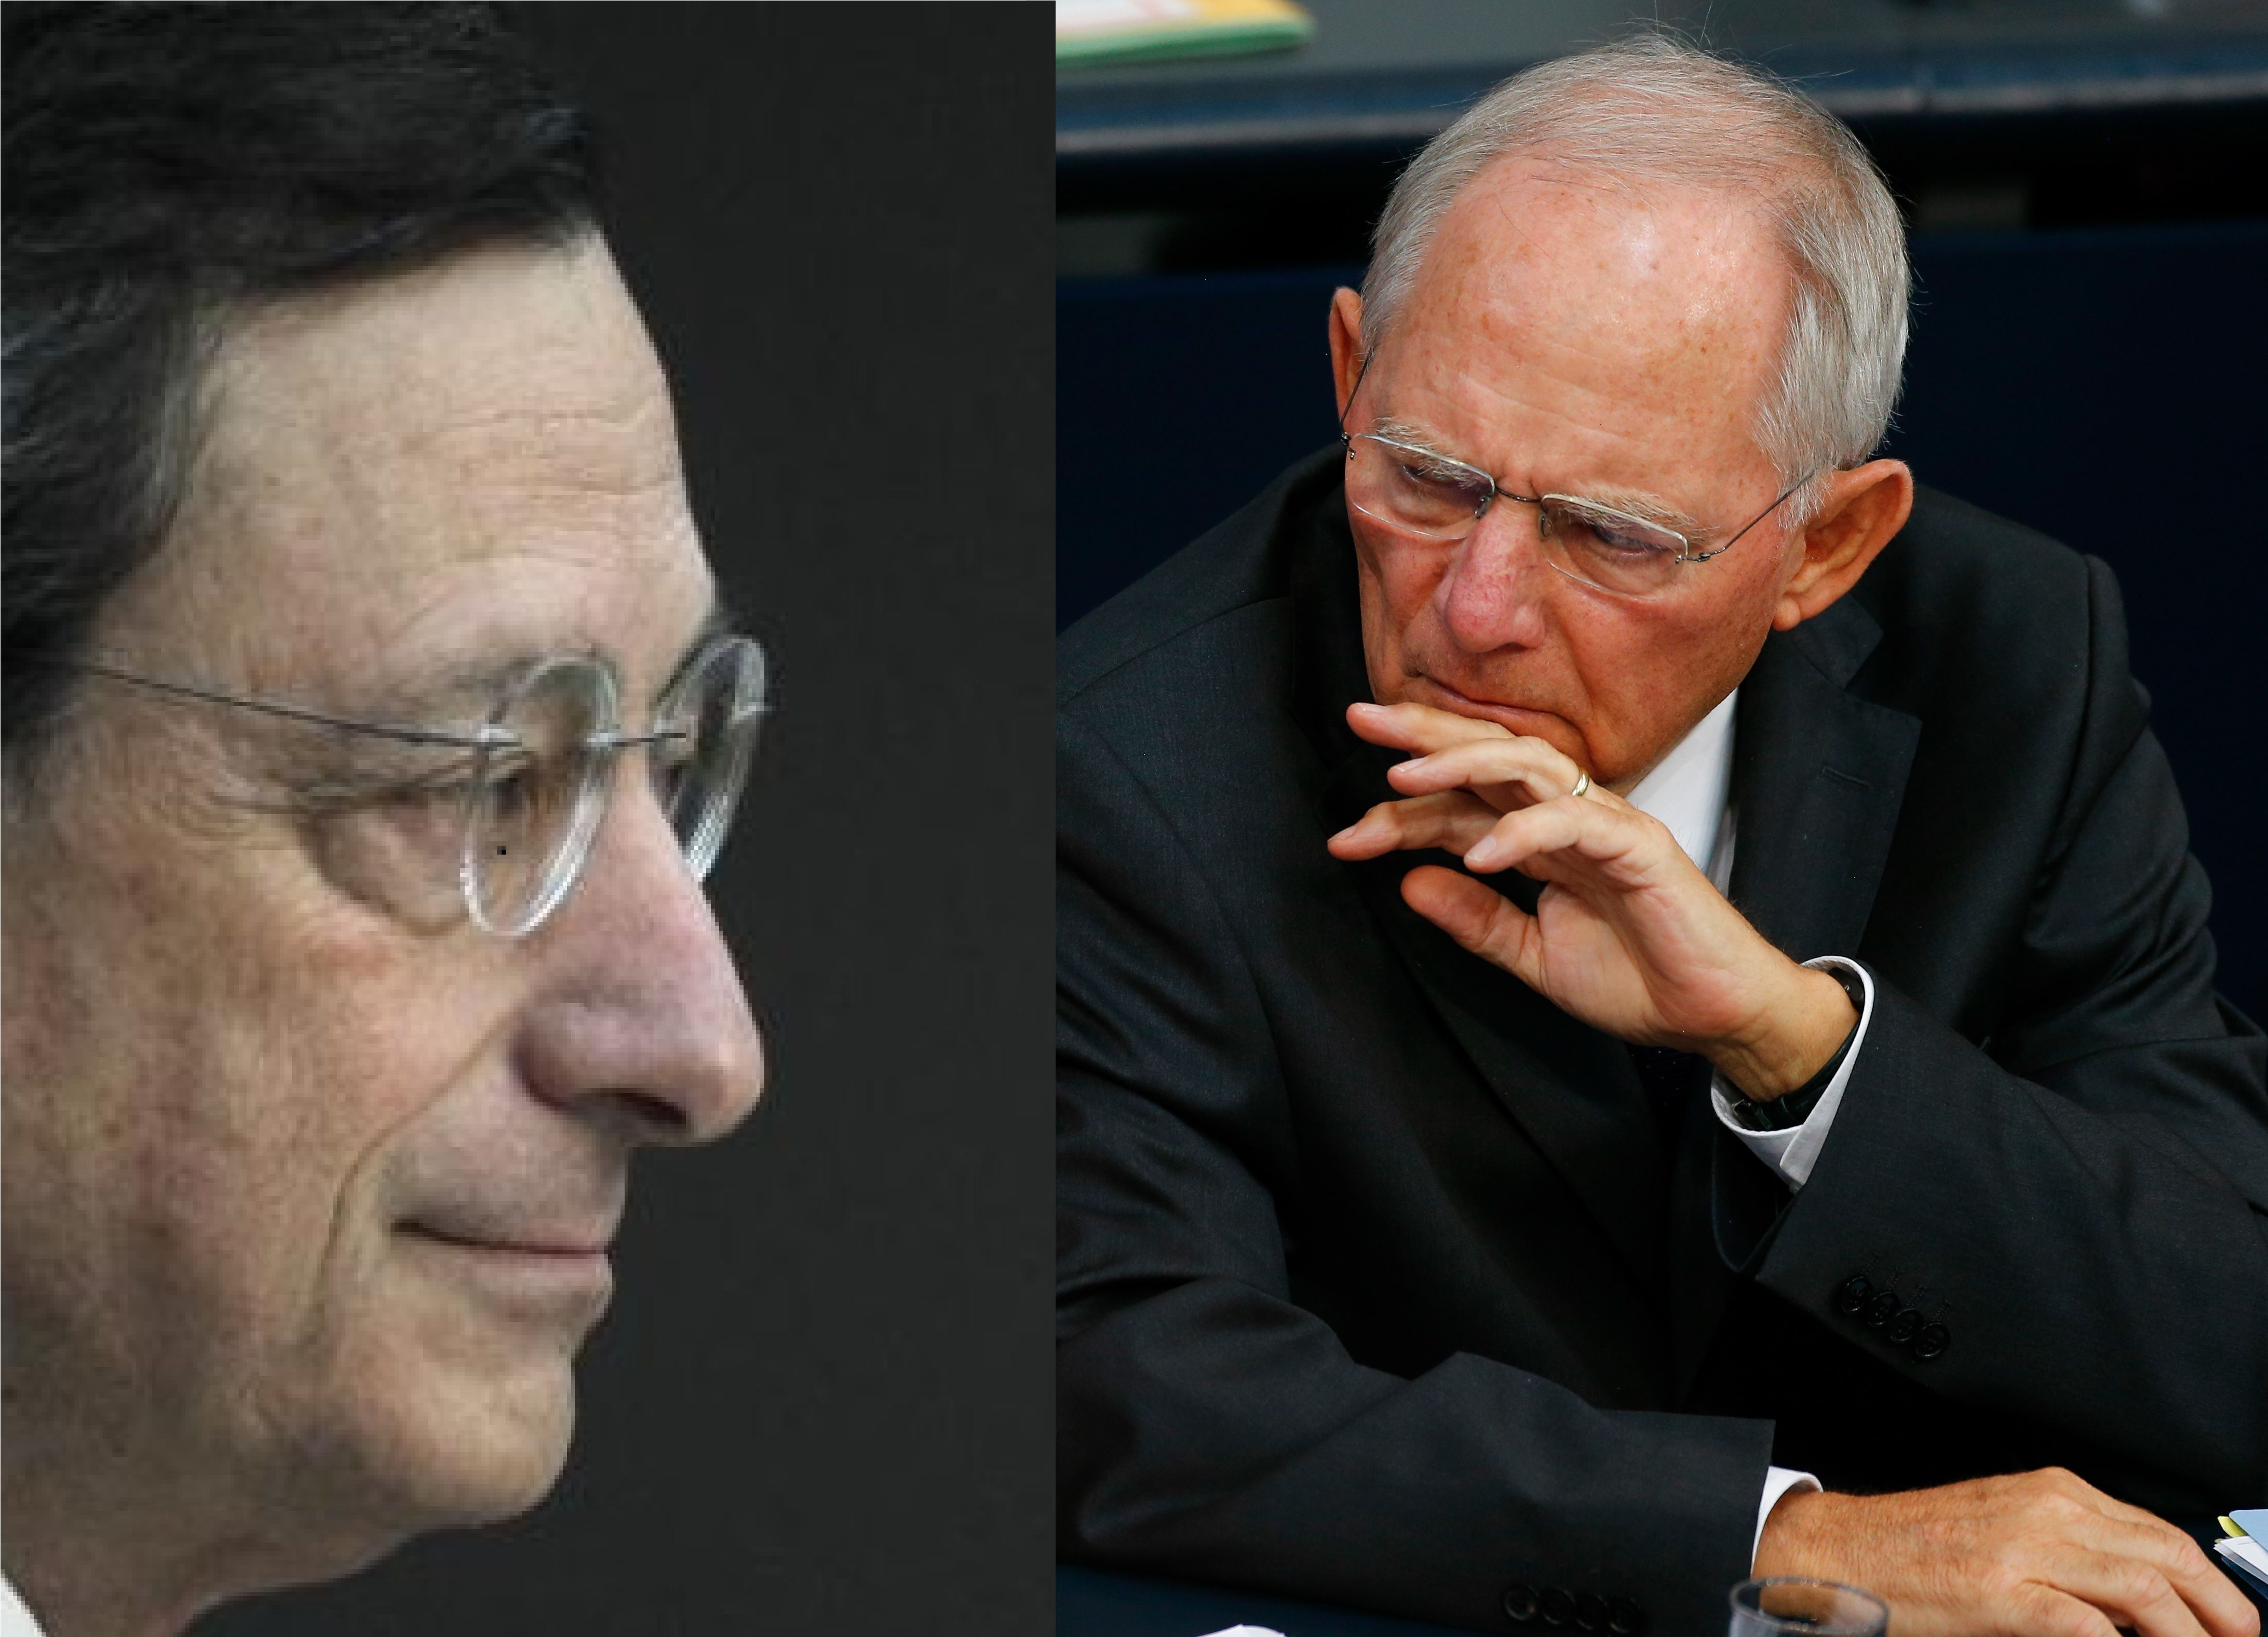 Draghi contre Schäuble : pourquoi le conflit larvé entre l'Allemagne et la BCE (dans l'indifférence française) pourrait venir salir l'épaisse moquette du G20 Finance de Washington